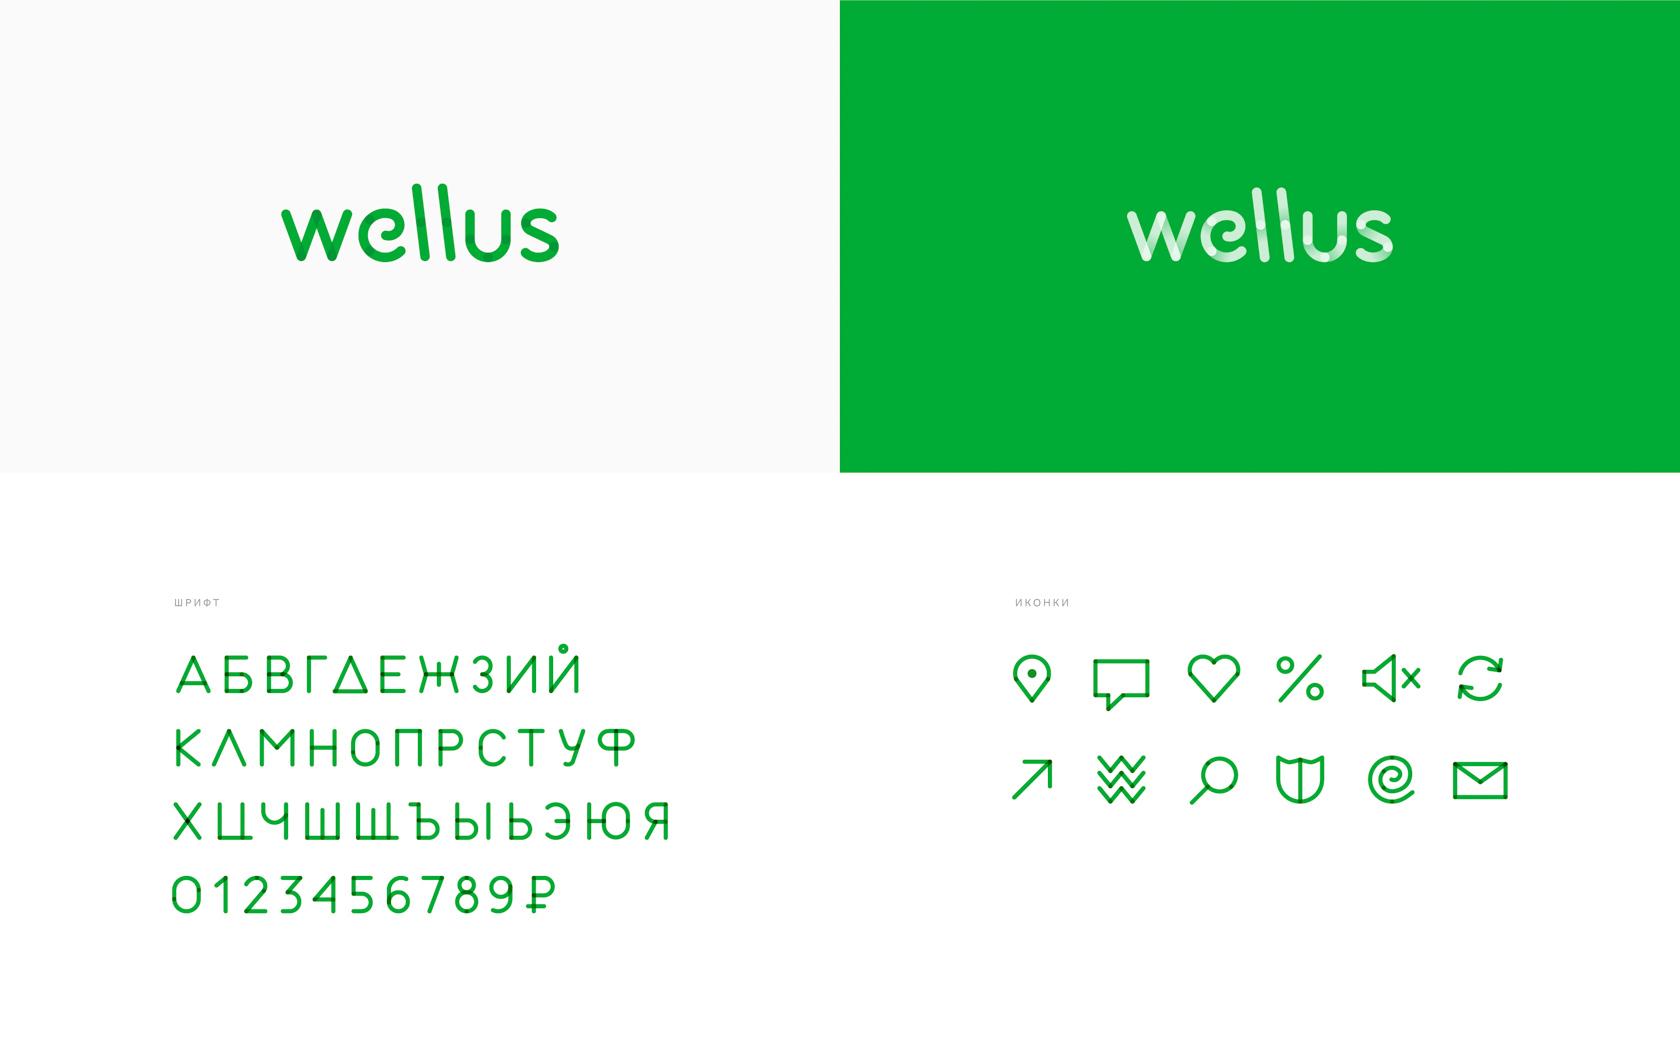 Фирменные цвета, типографика, иконки